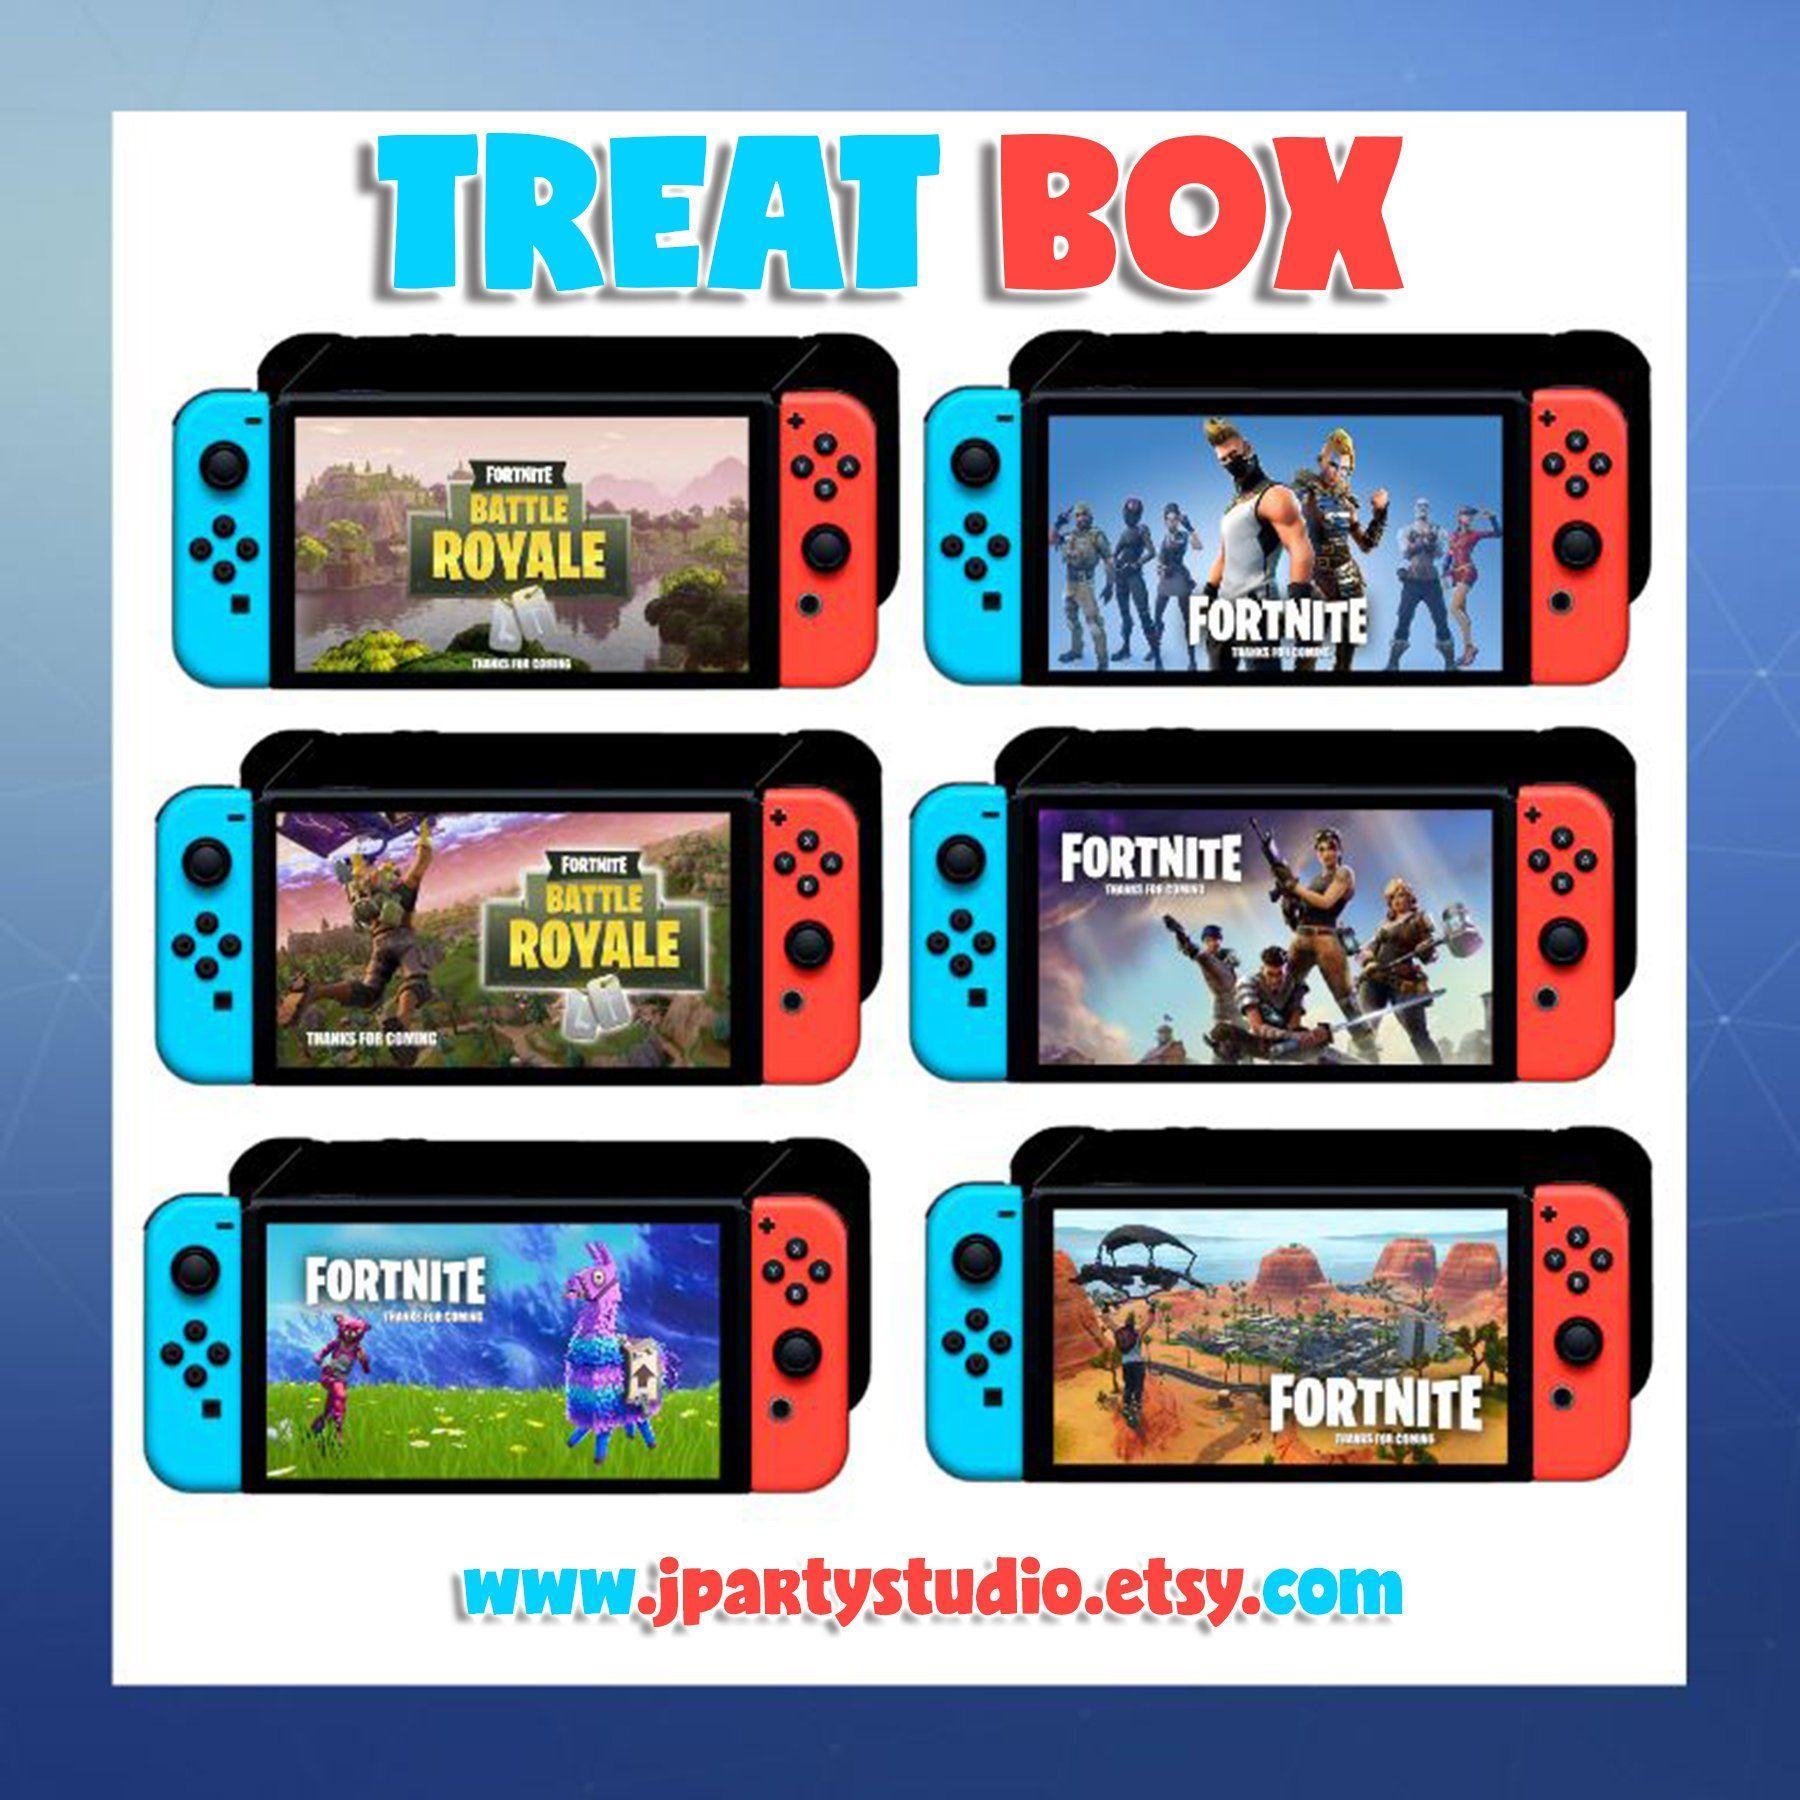 Nintendo Switch Treat Box Nintendo Switch Party Nintendo Switch